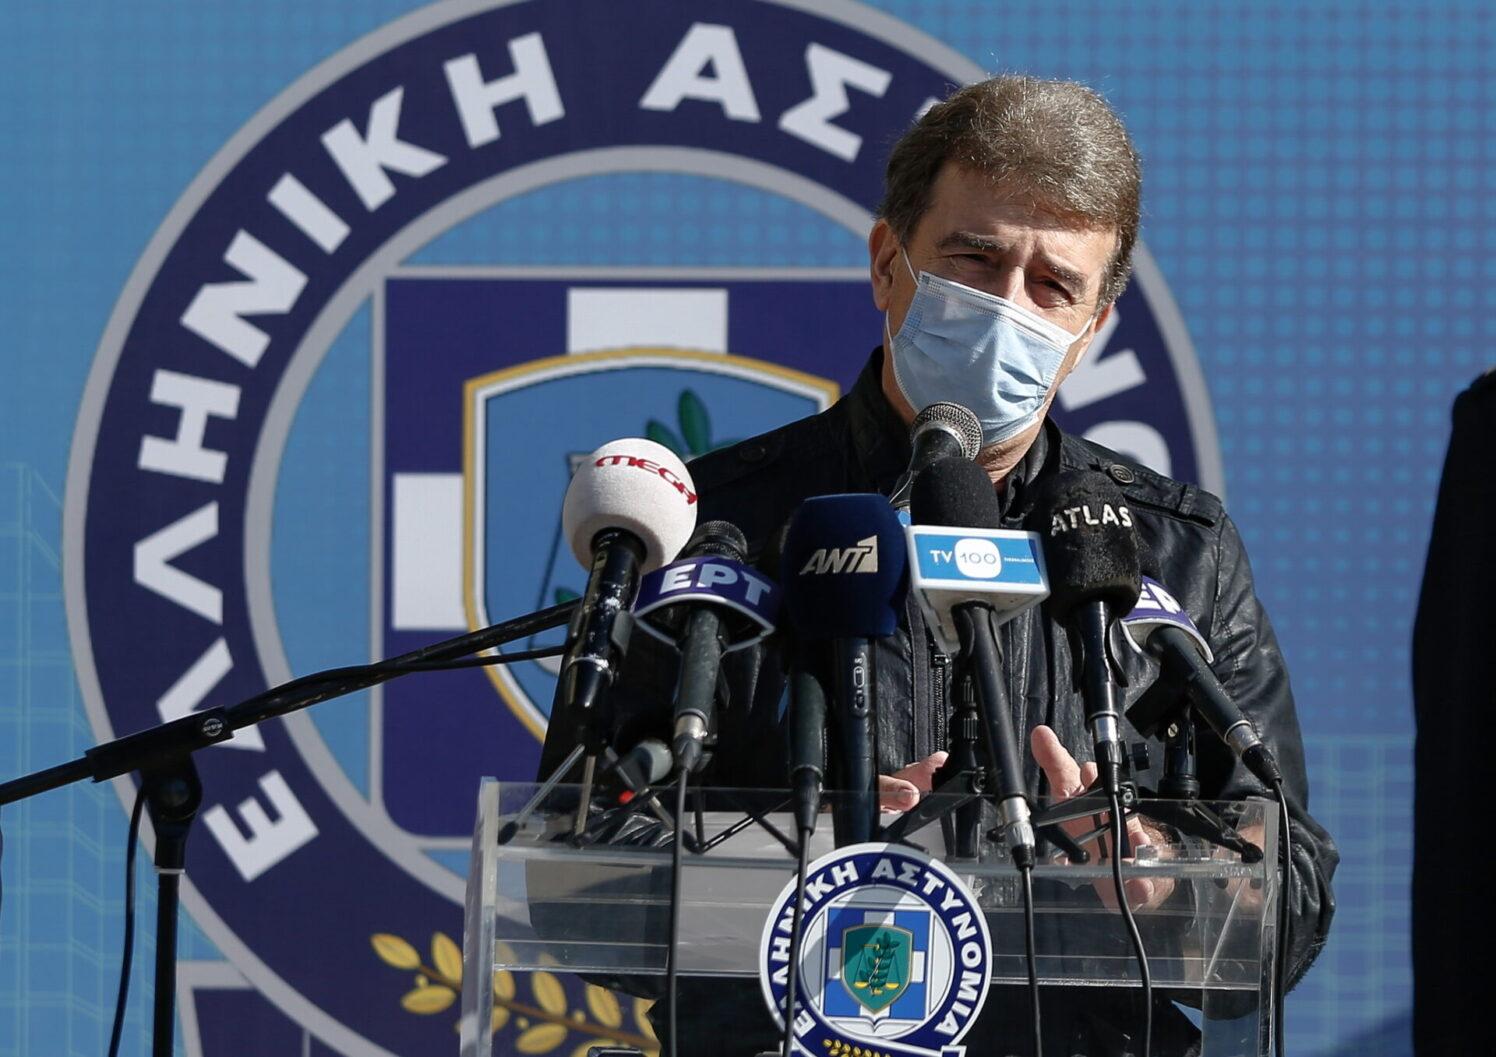 Ελληνική Αστυνομία: Ο Χρυσοχοΐδης παρουσίασε τη «Λευκή Βίβλο»